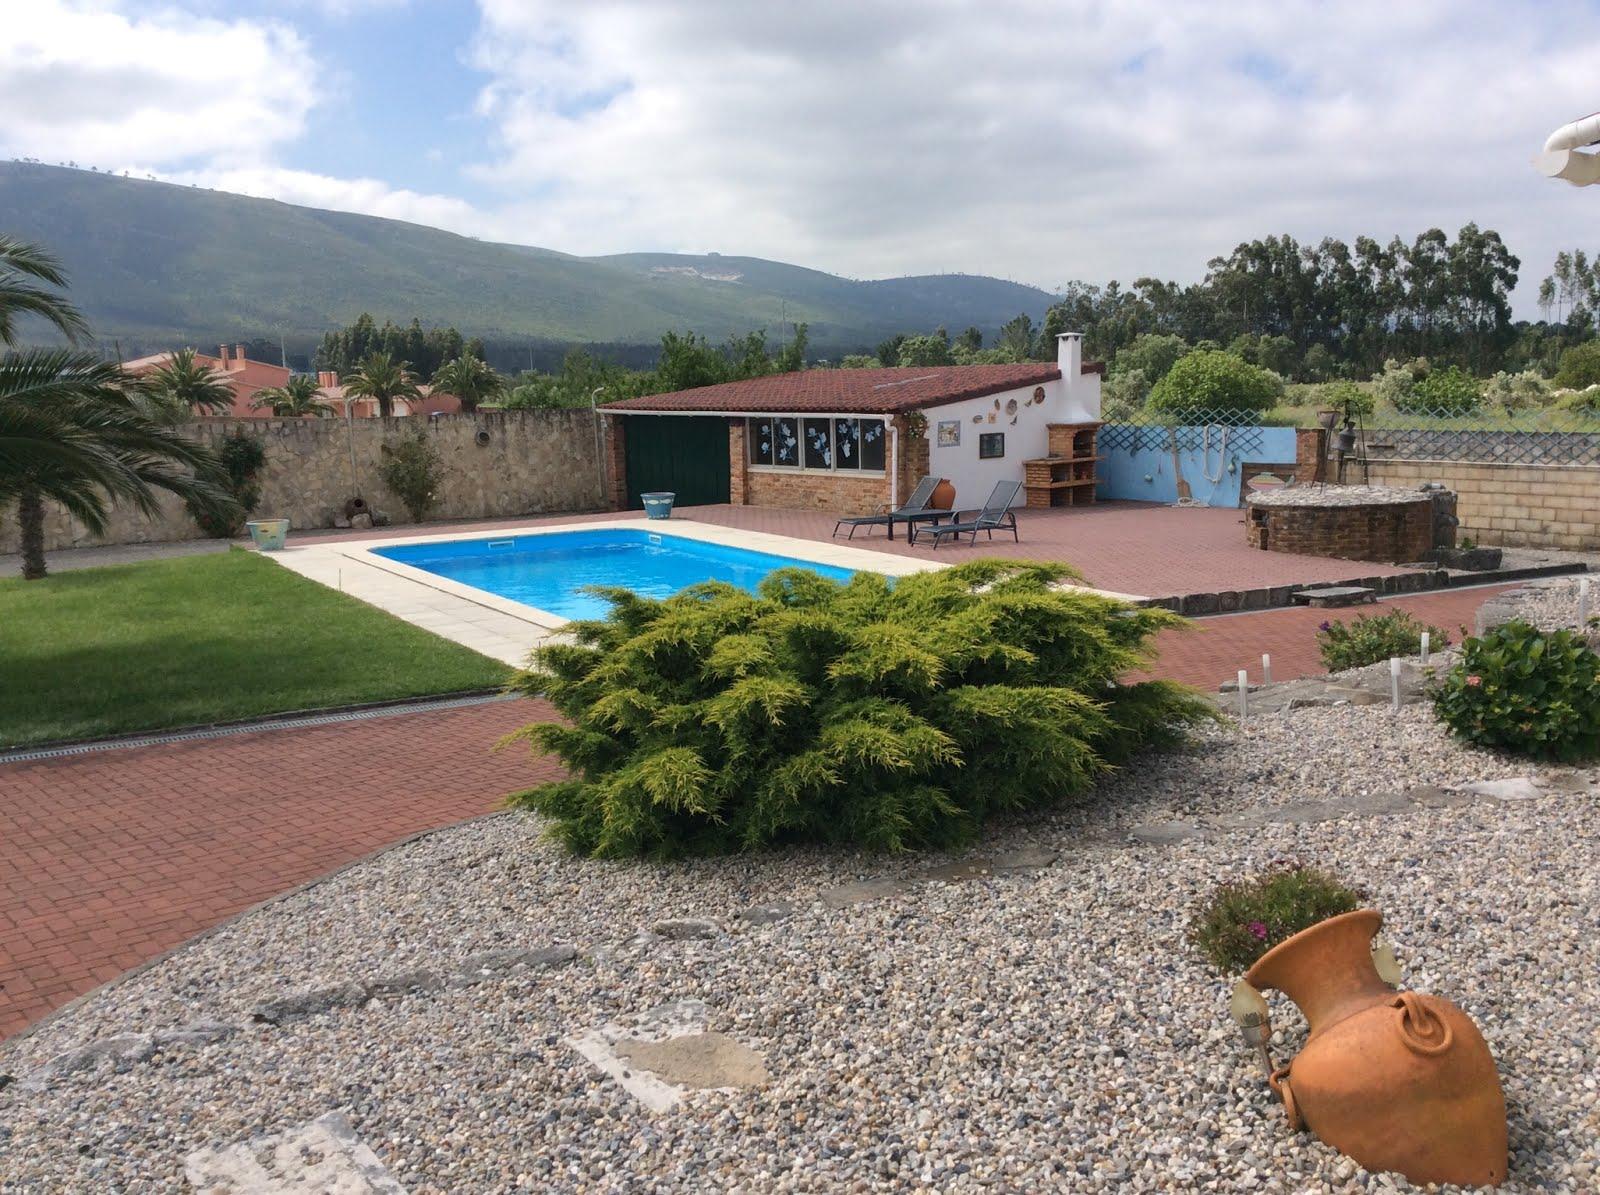 уютный домик с бассейном ждет гостей